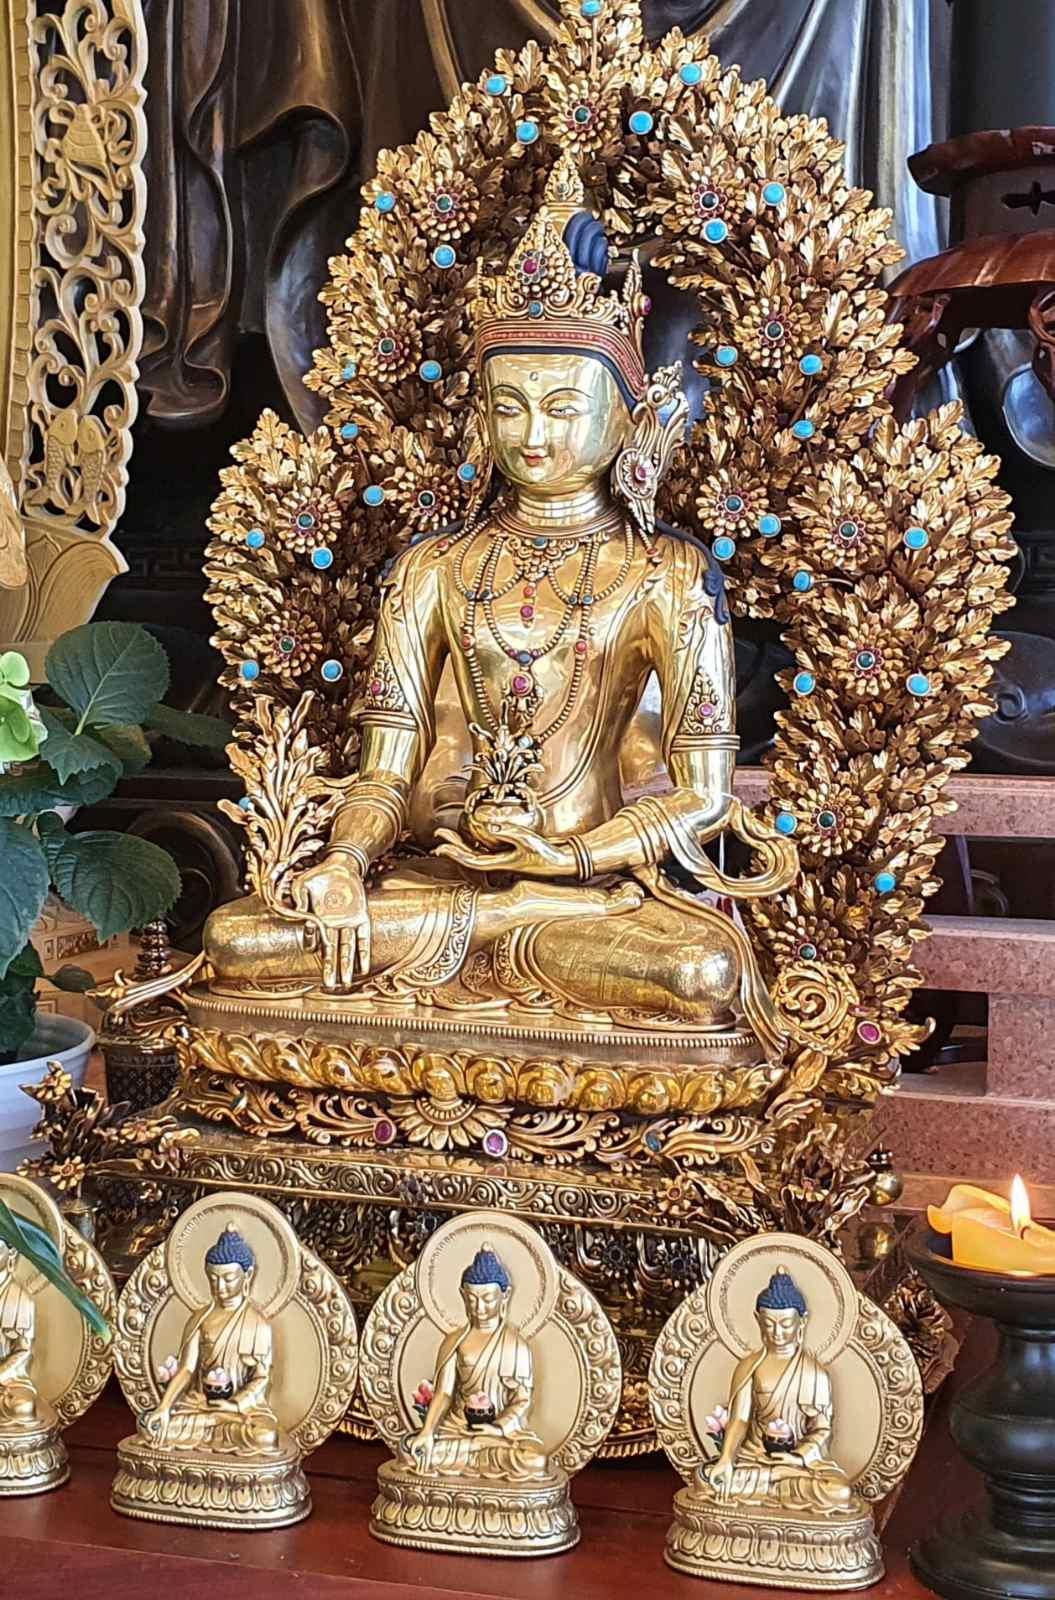 LHĐT – Hùn Phước Tạo Thất Phật Dược Sư.